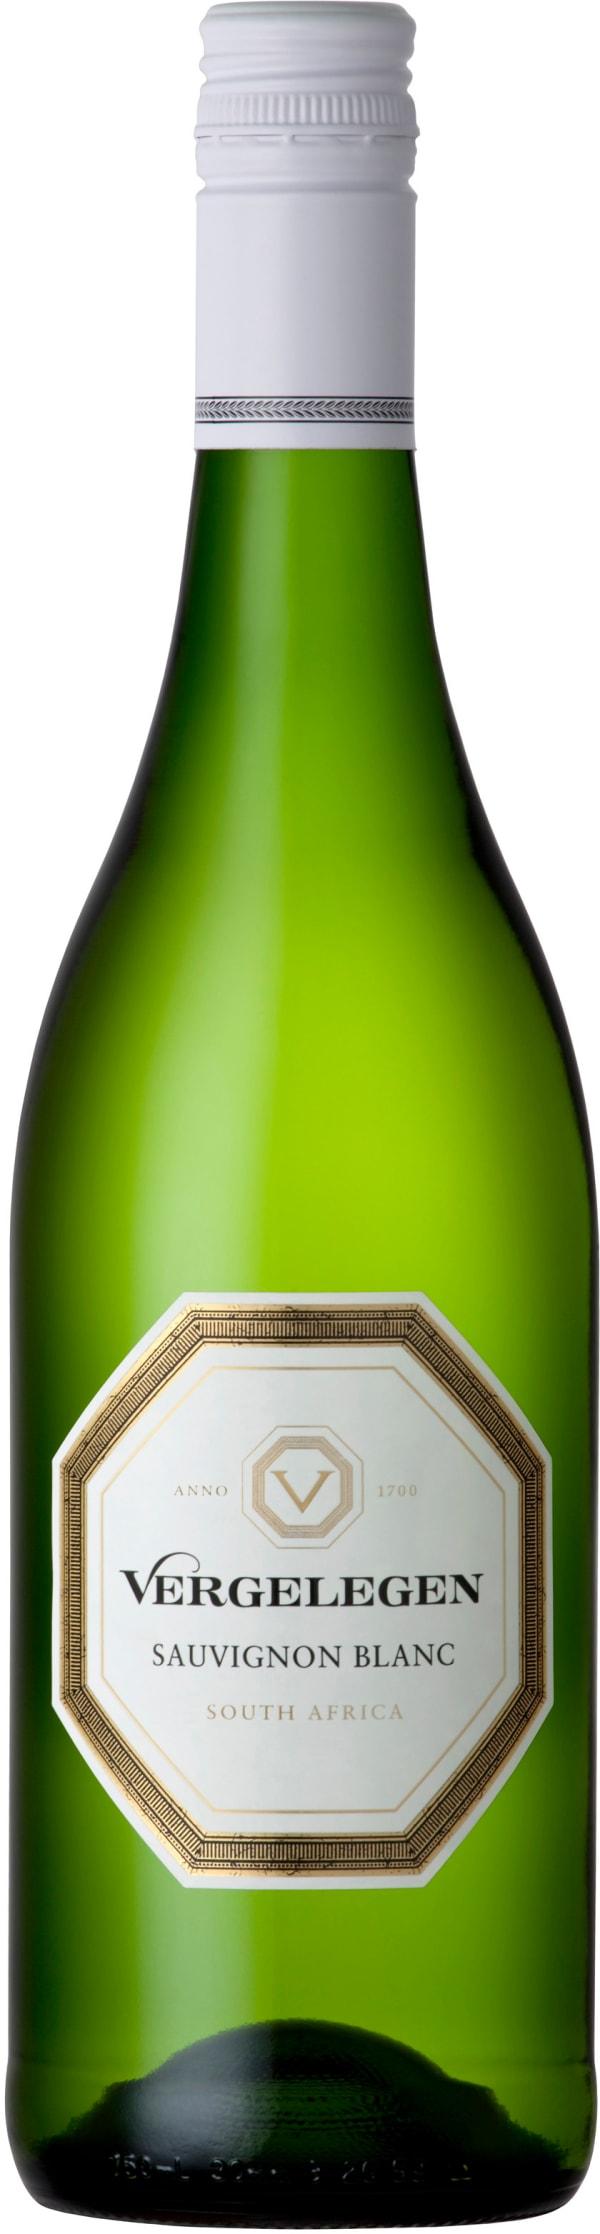 Vergelegen Sauvignon Blanc Premium